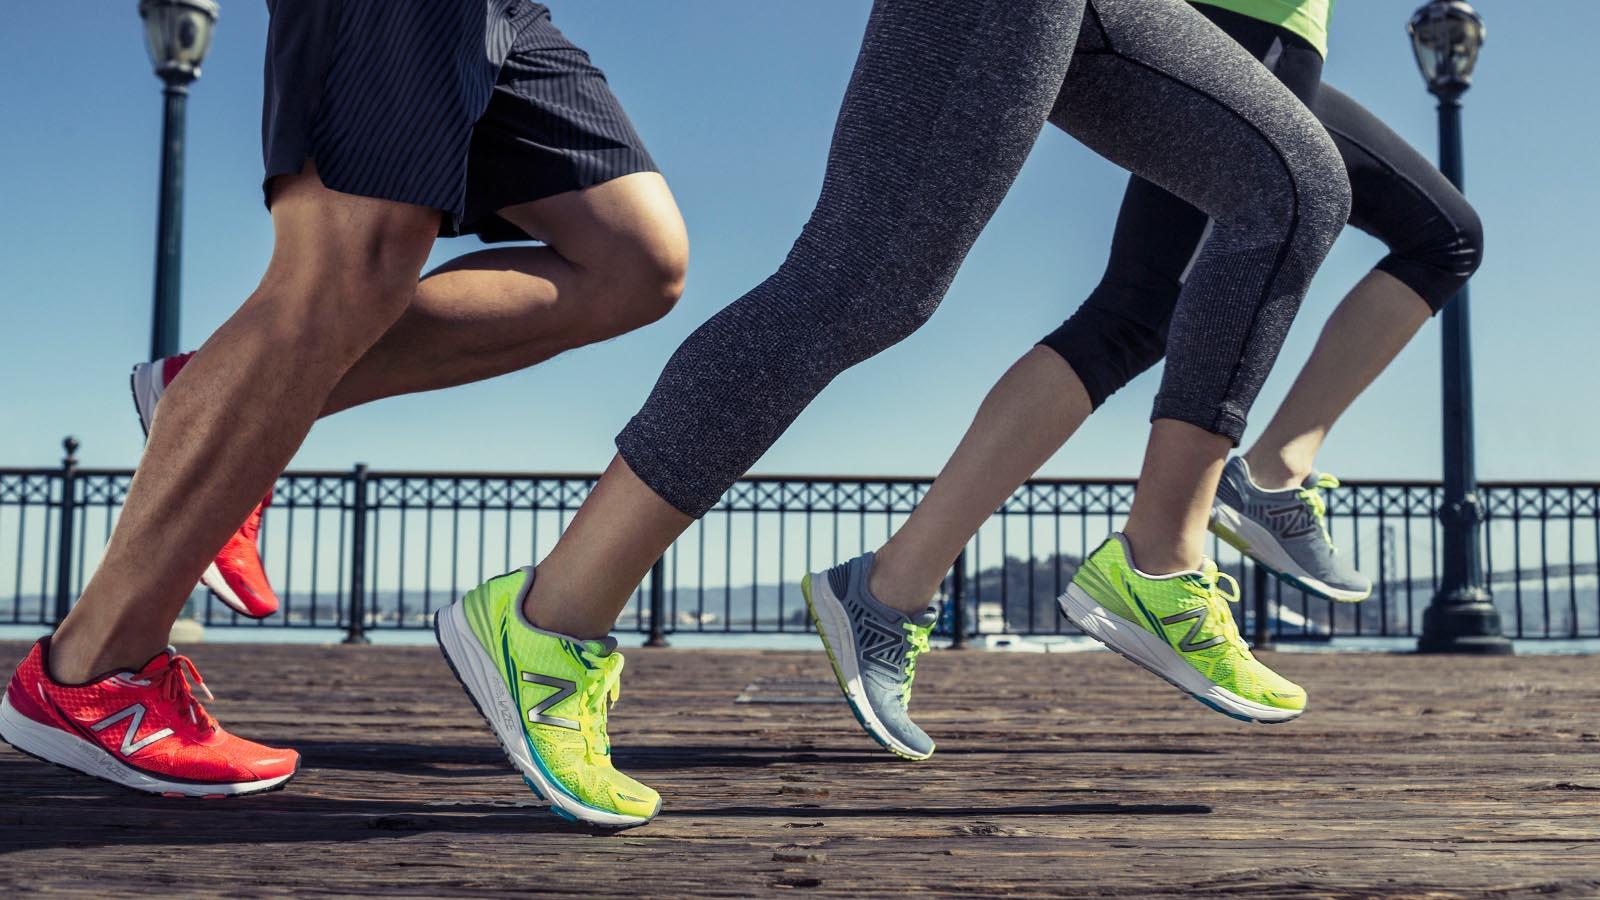 ТОП 10 лучших моделей кроссовок для бега в рейтинге 2019 года фото